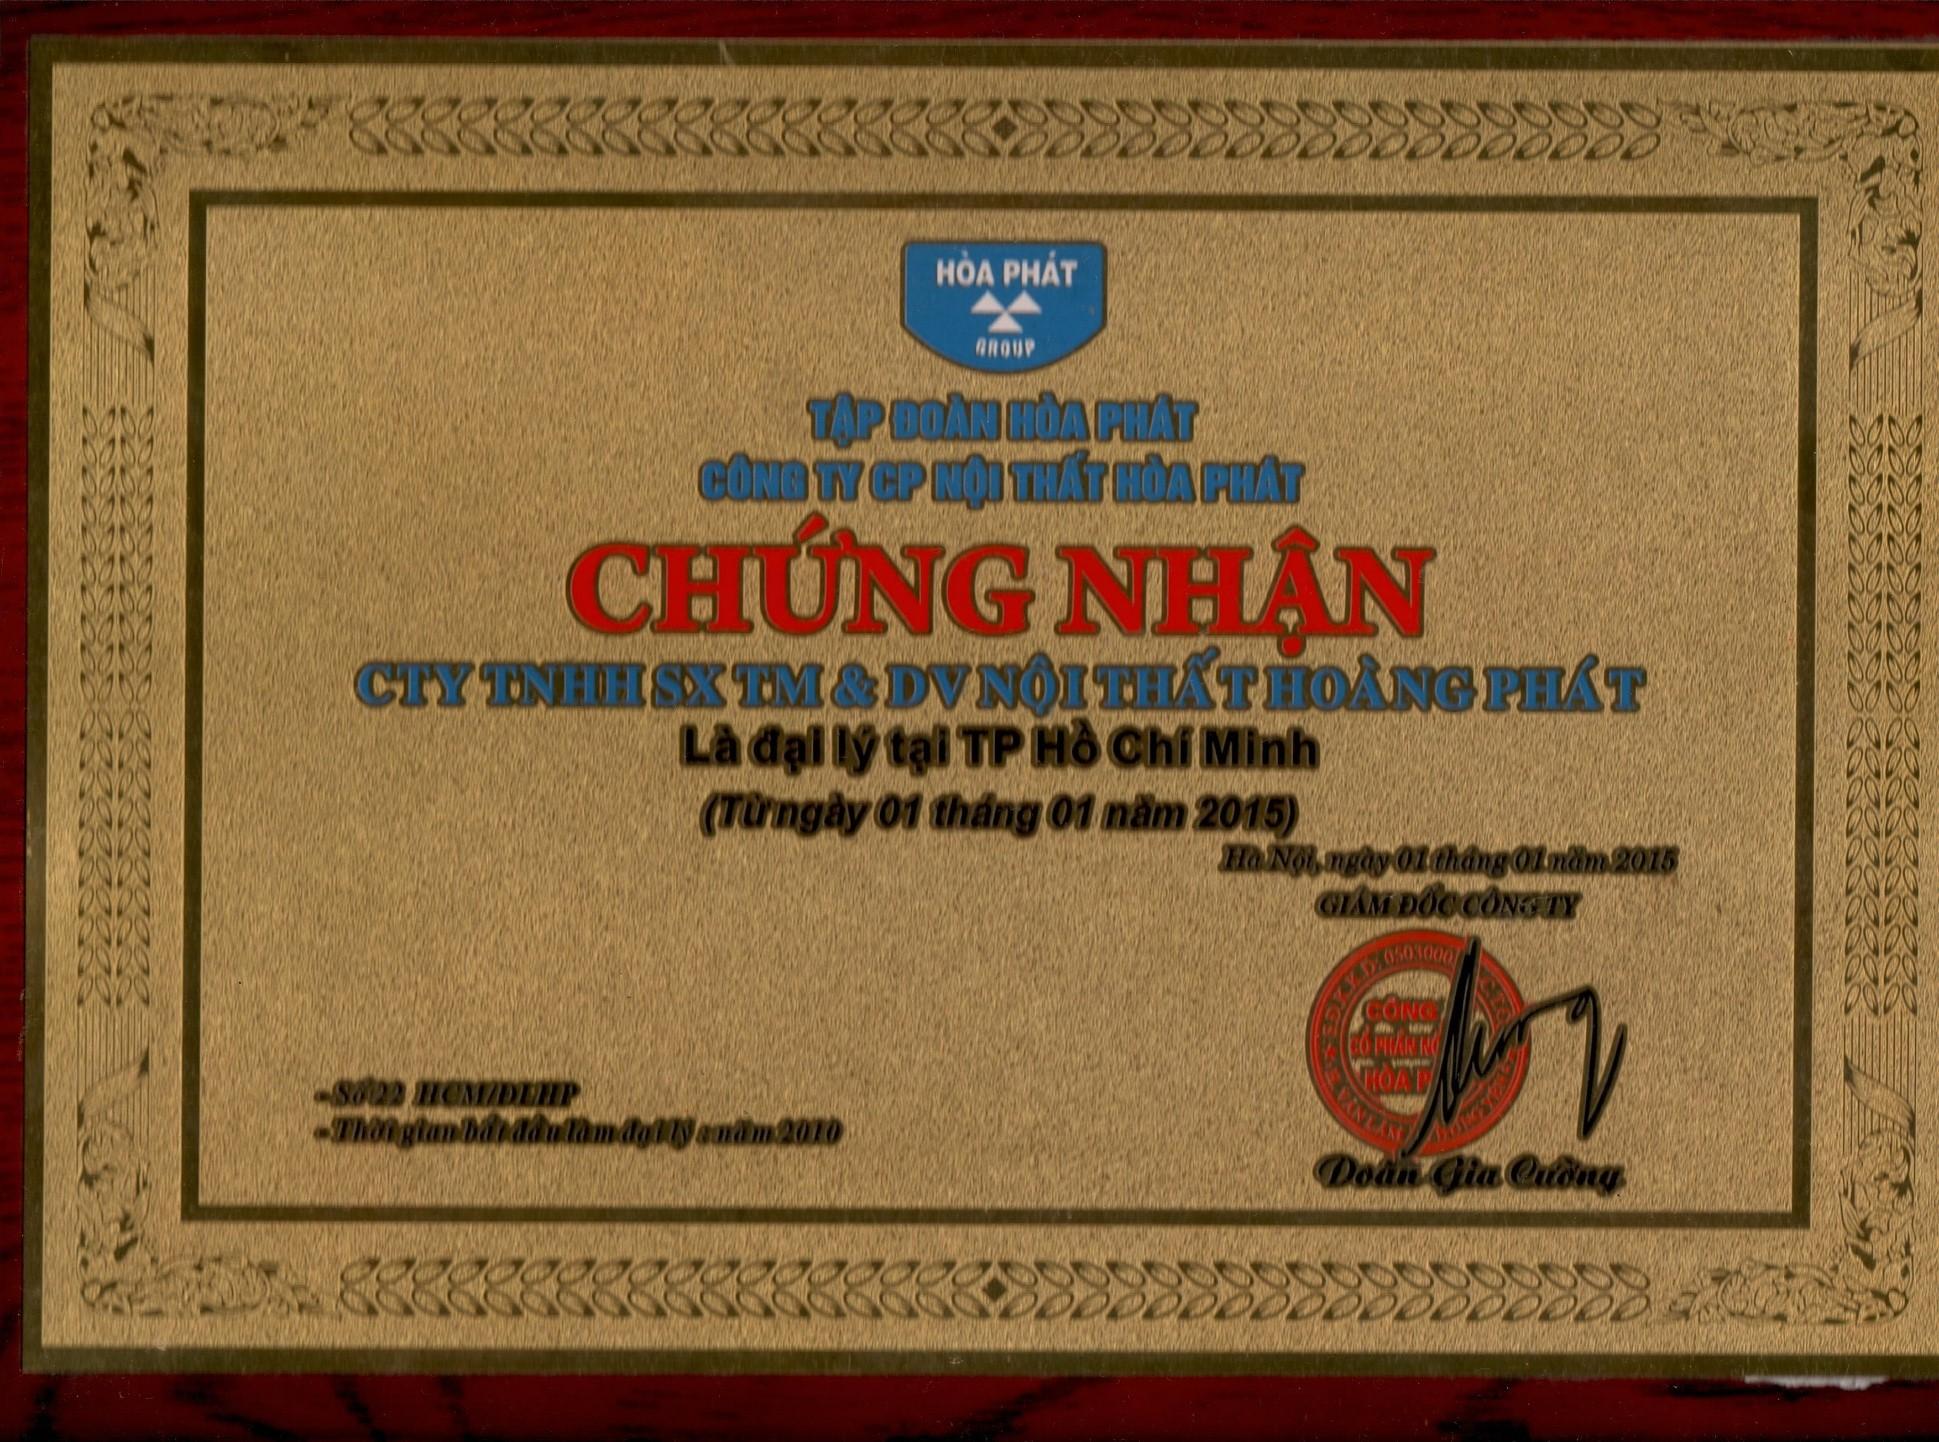 Chứng nhận Công ty TNHH SX TM và DV Nội Thất Hoàng Phát là đơn vị chính thức phân phối Nội Thất Hòa Phát.